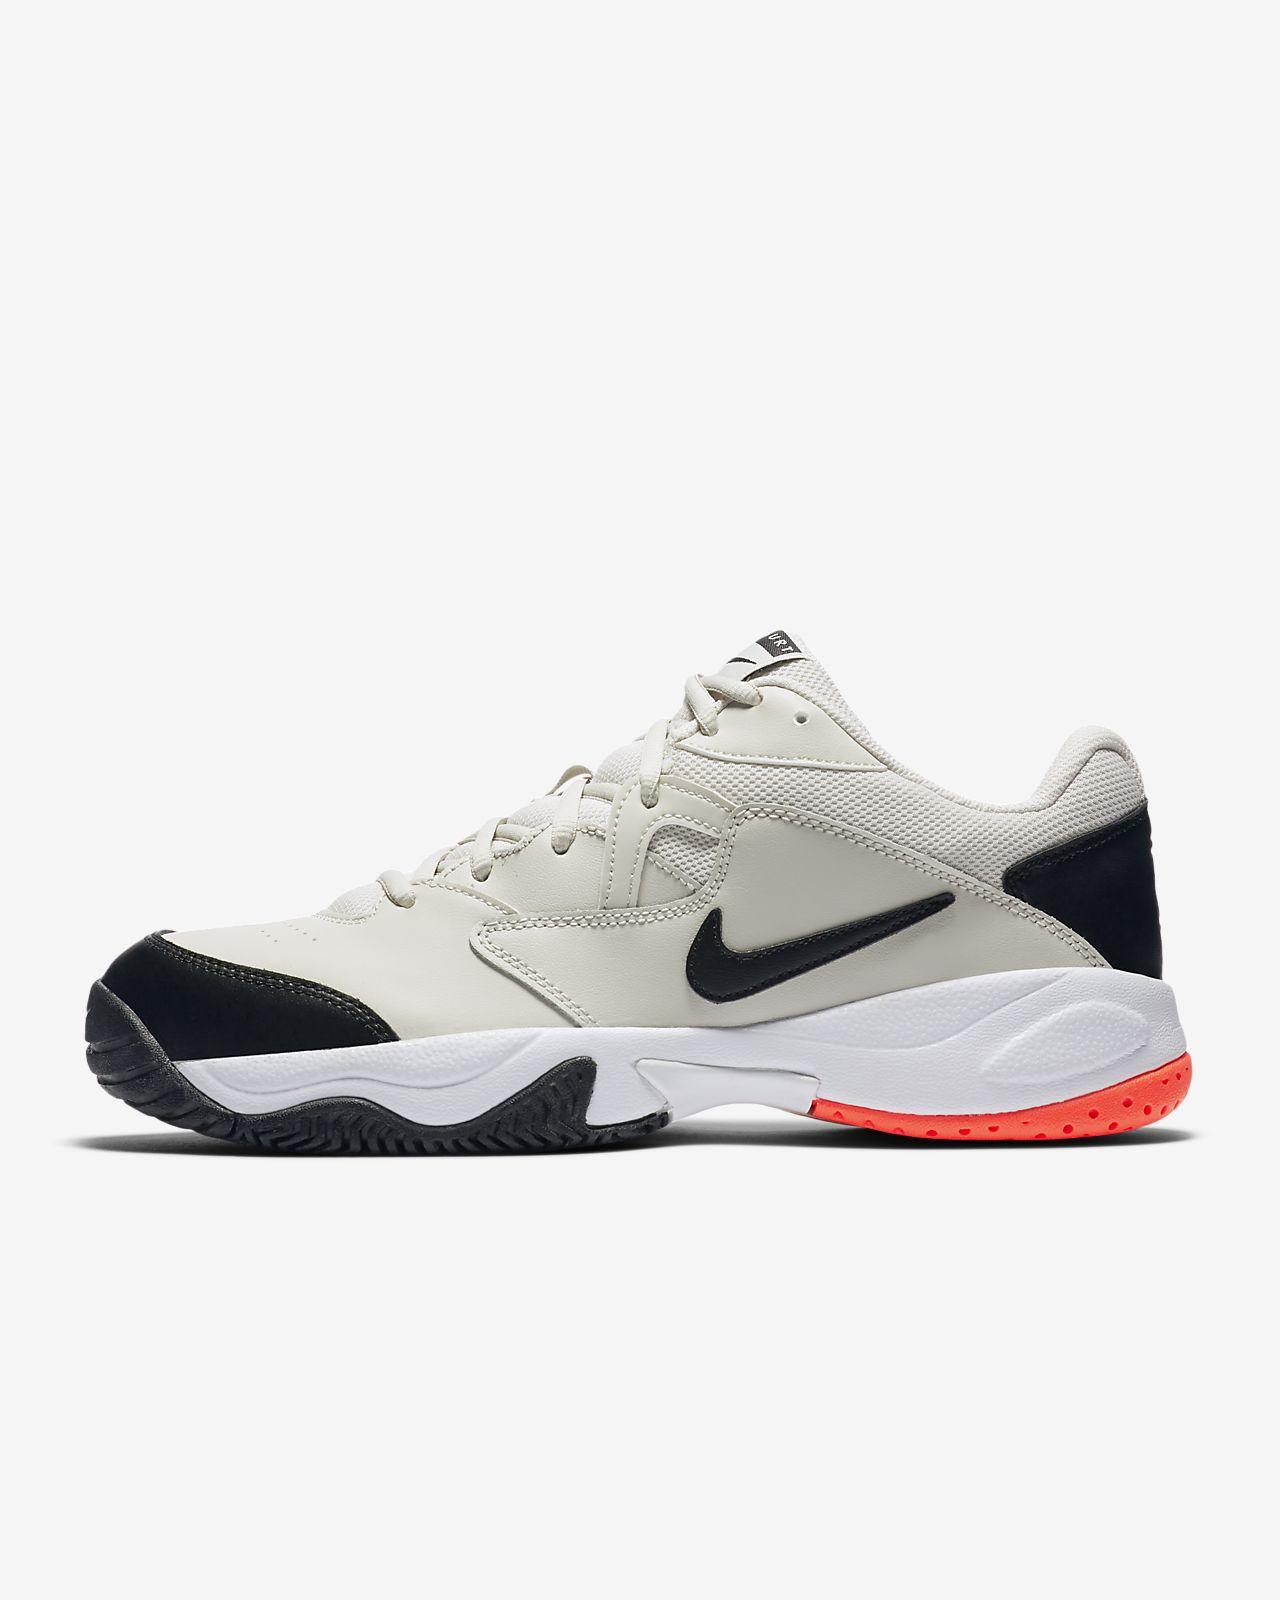 Ανδρικό παπούτσι τένις για σκληρά γήπεδα NikeCourt Lite 2